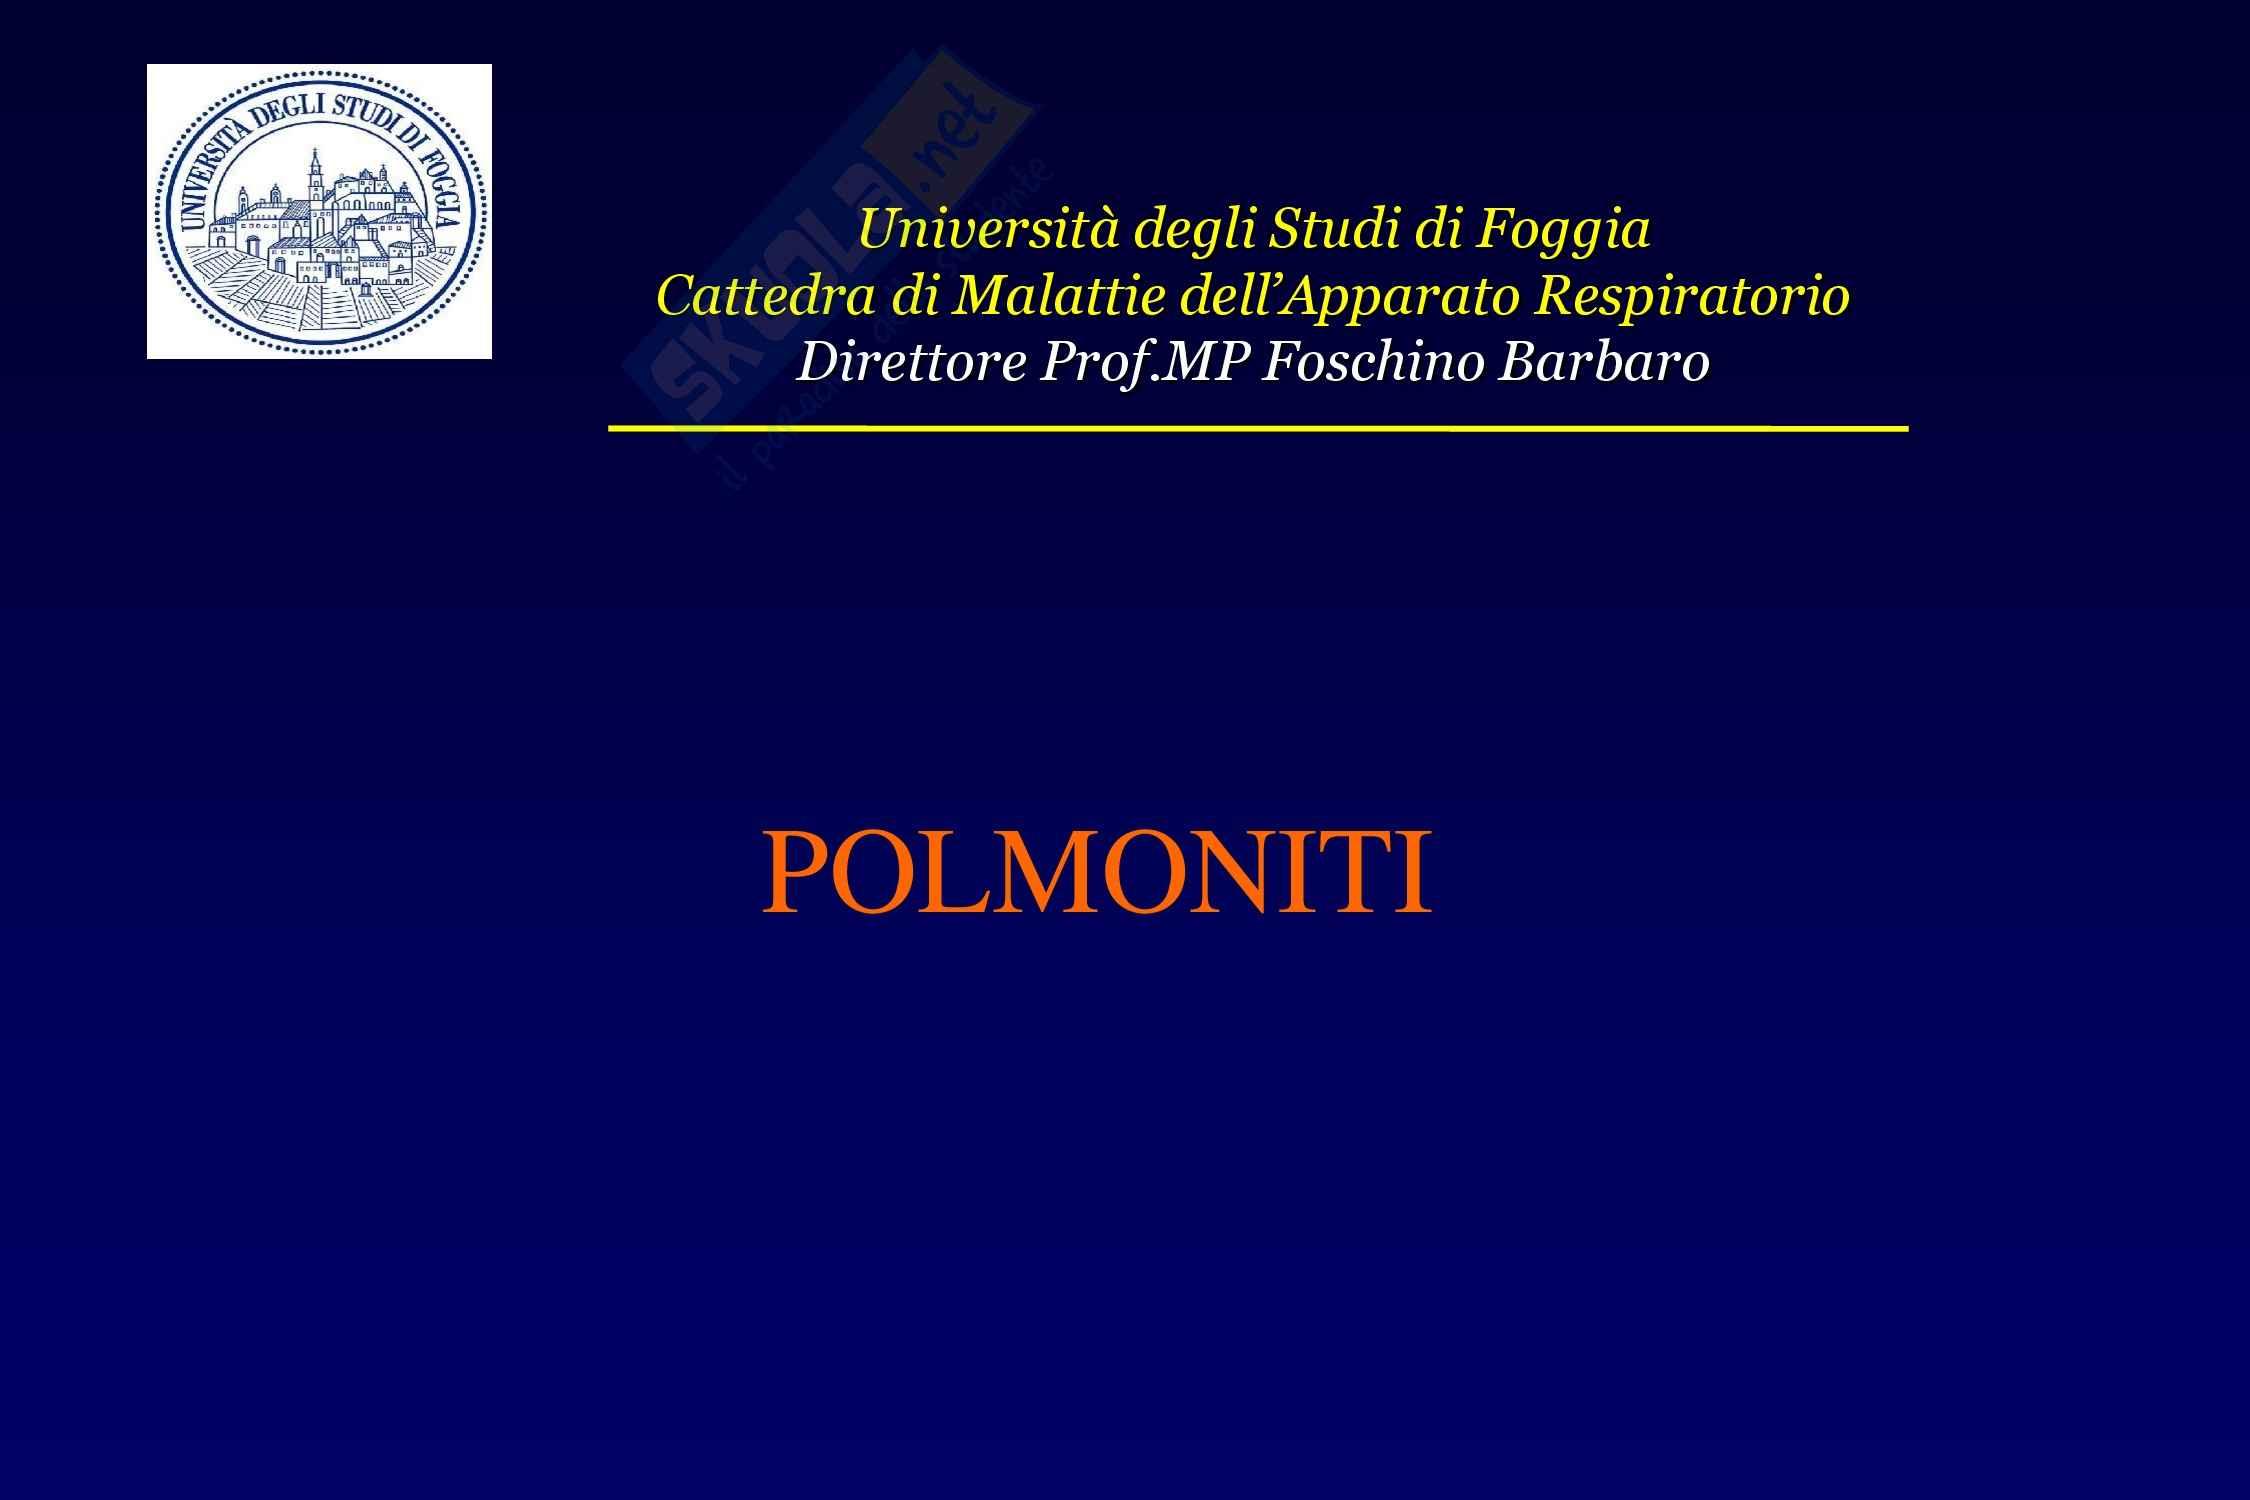 Polmoniti - Cause e fattori